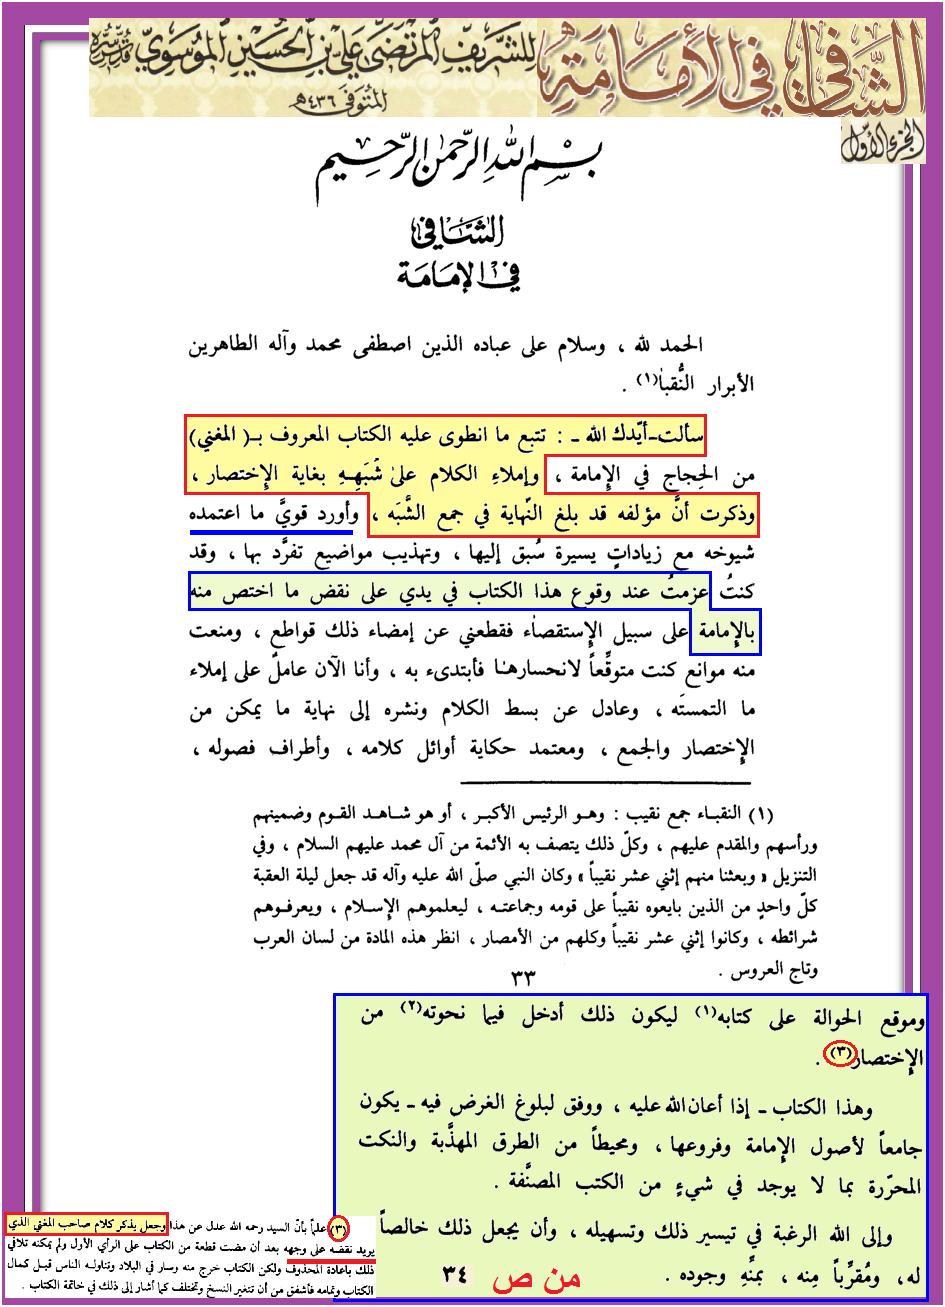 تنزيل كتاب المغني للقاضي عبد الجبار pdf